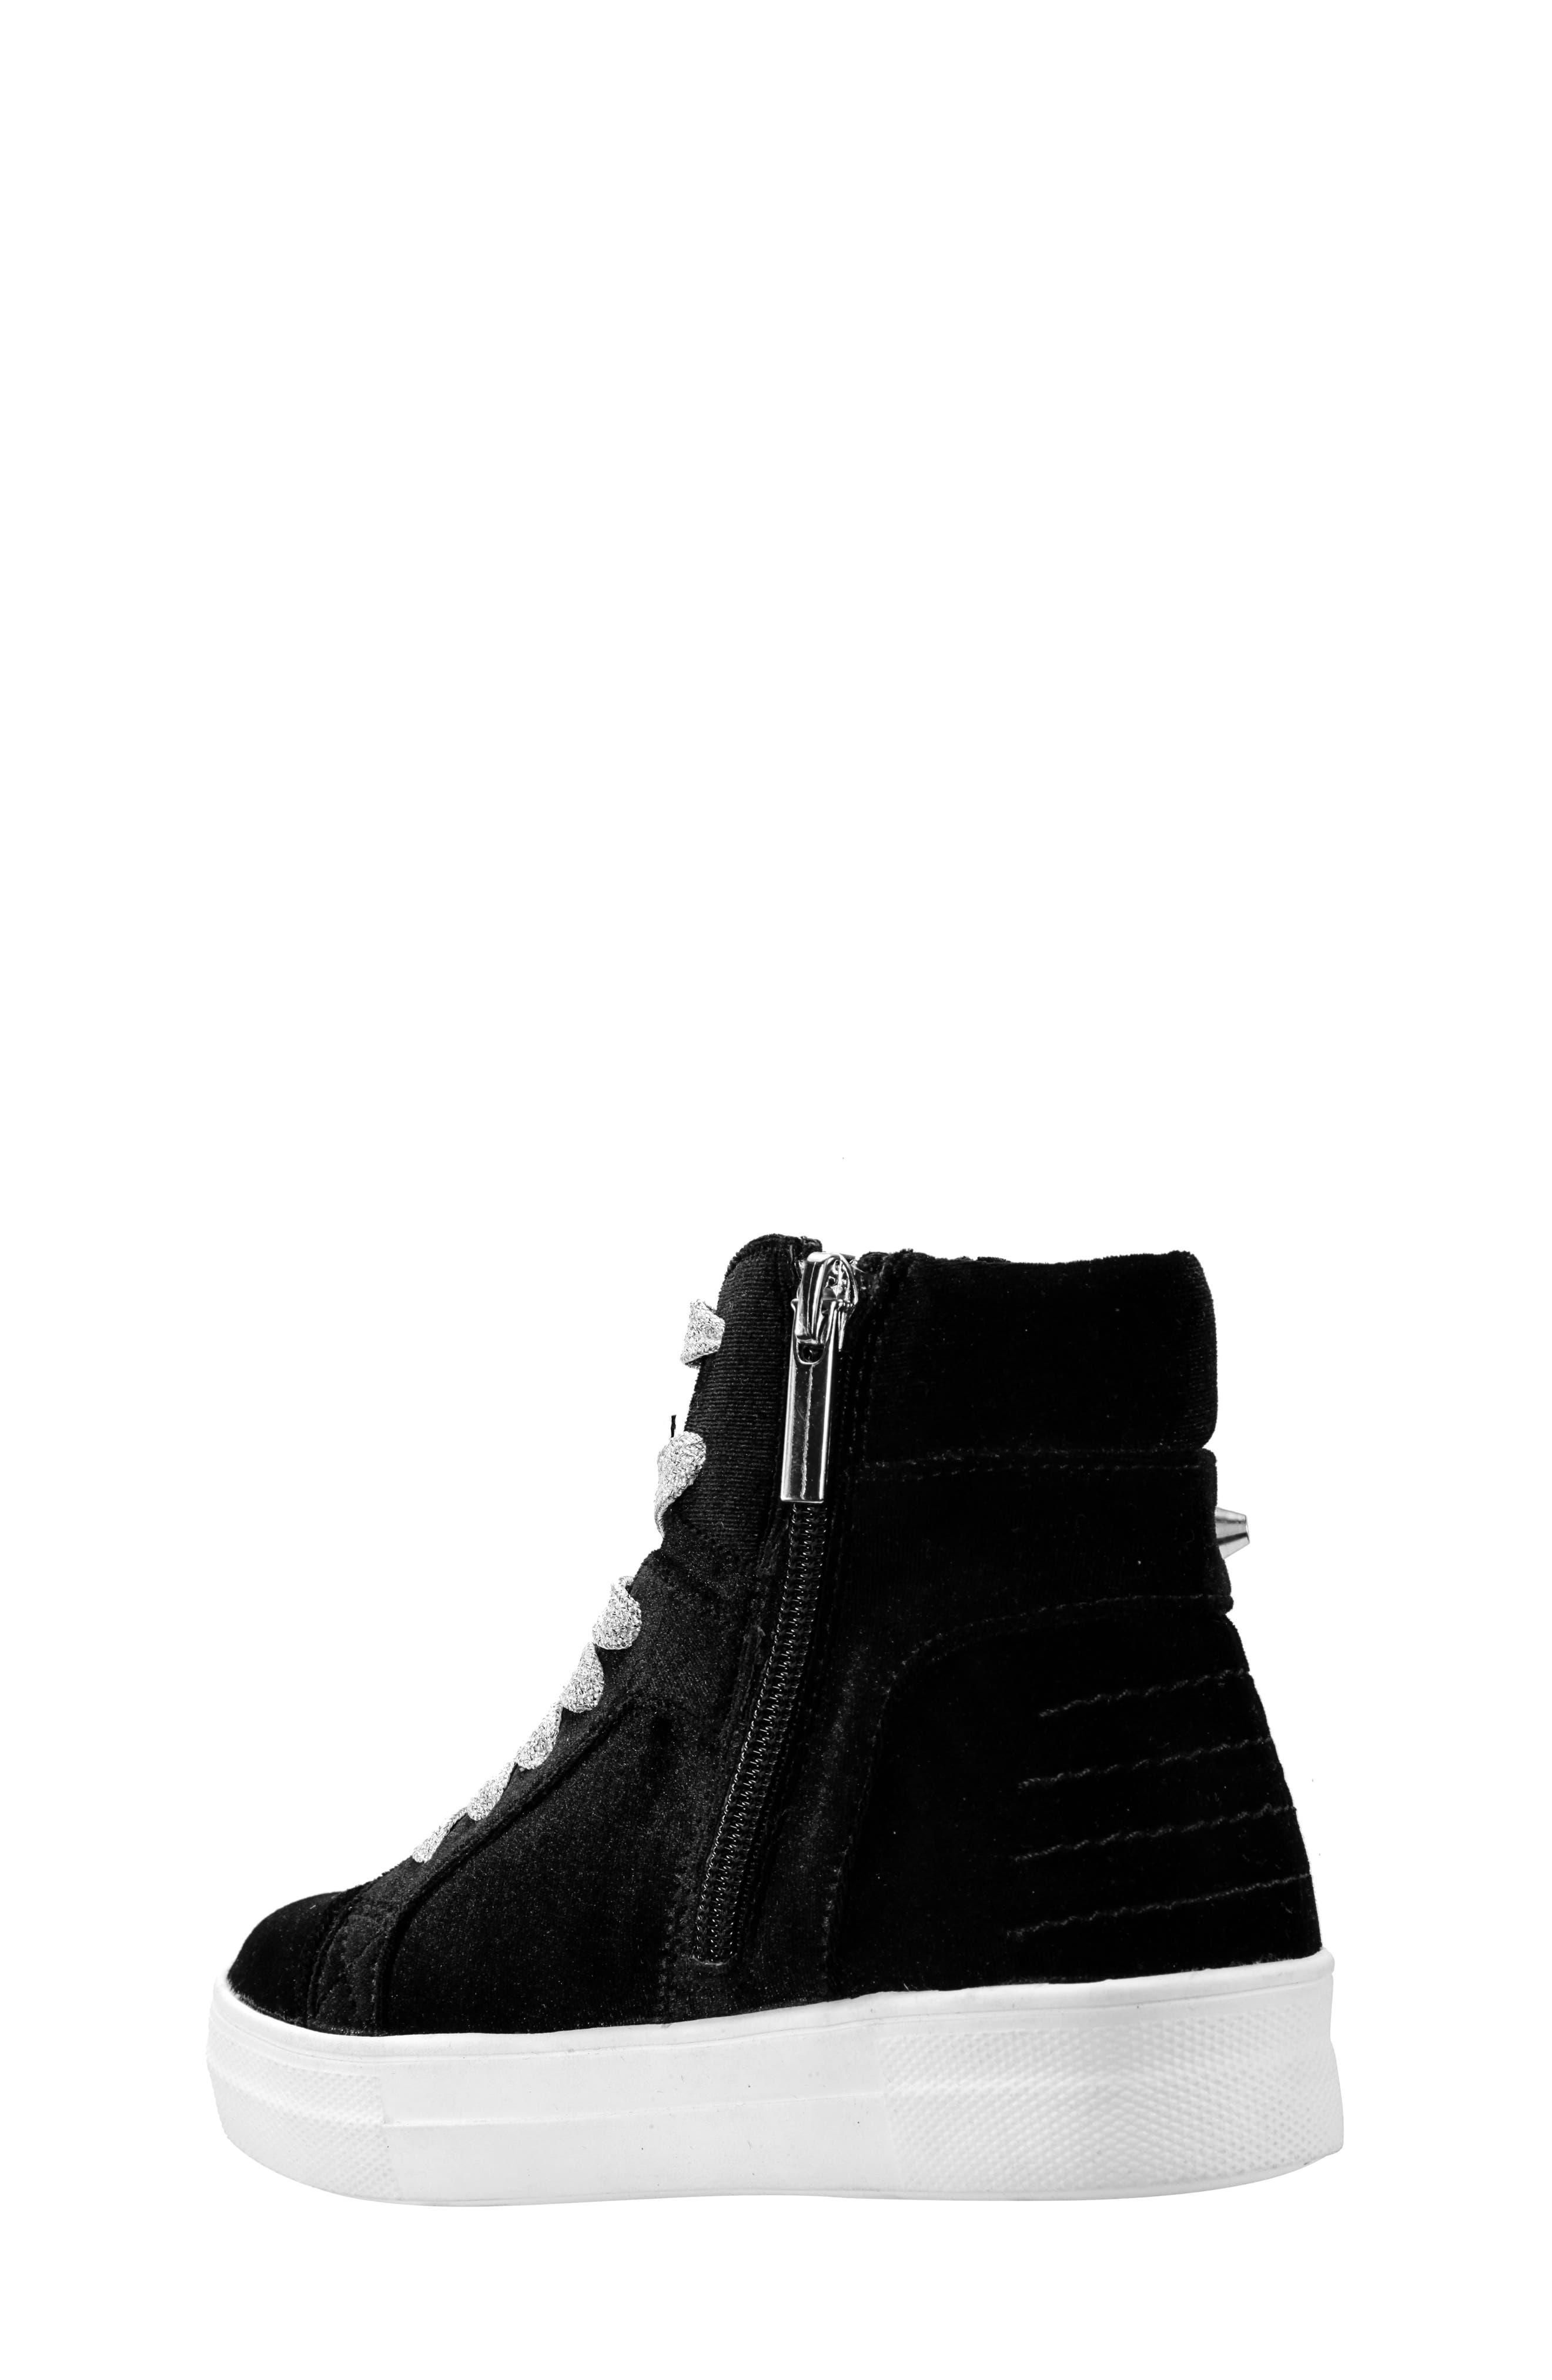 Ima Studded High Top Sneaker,                             Alternate thumbnail 2, color,                             BLACK VELVET